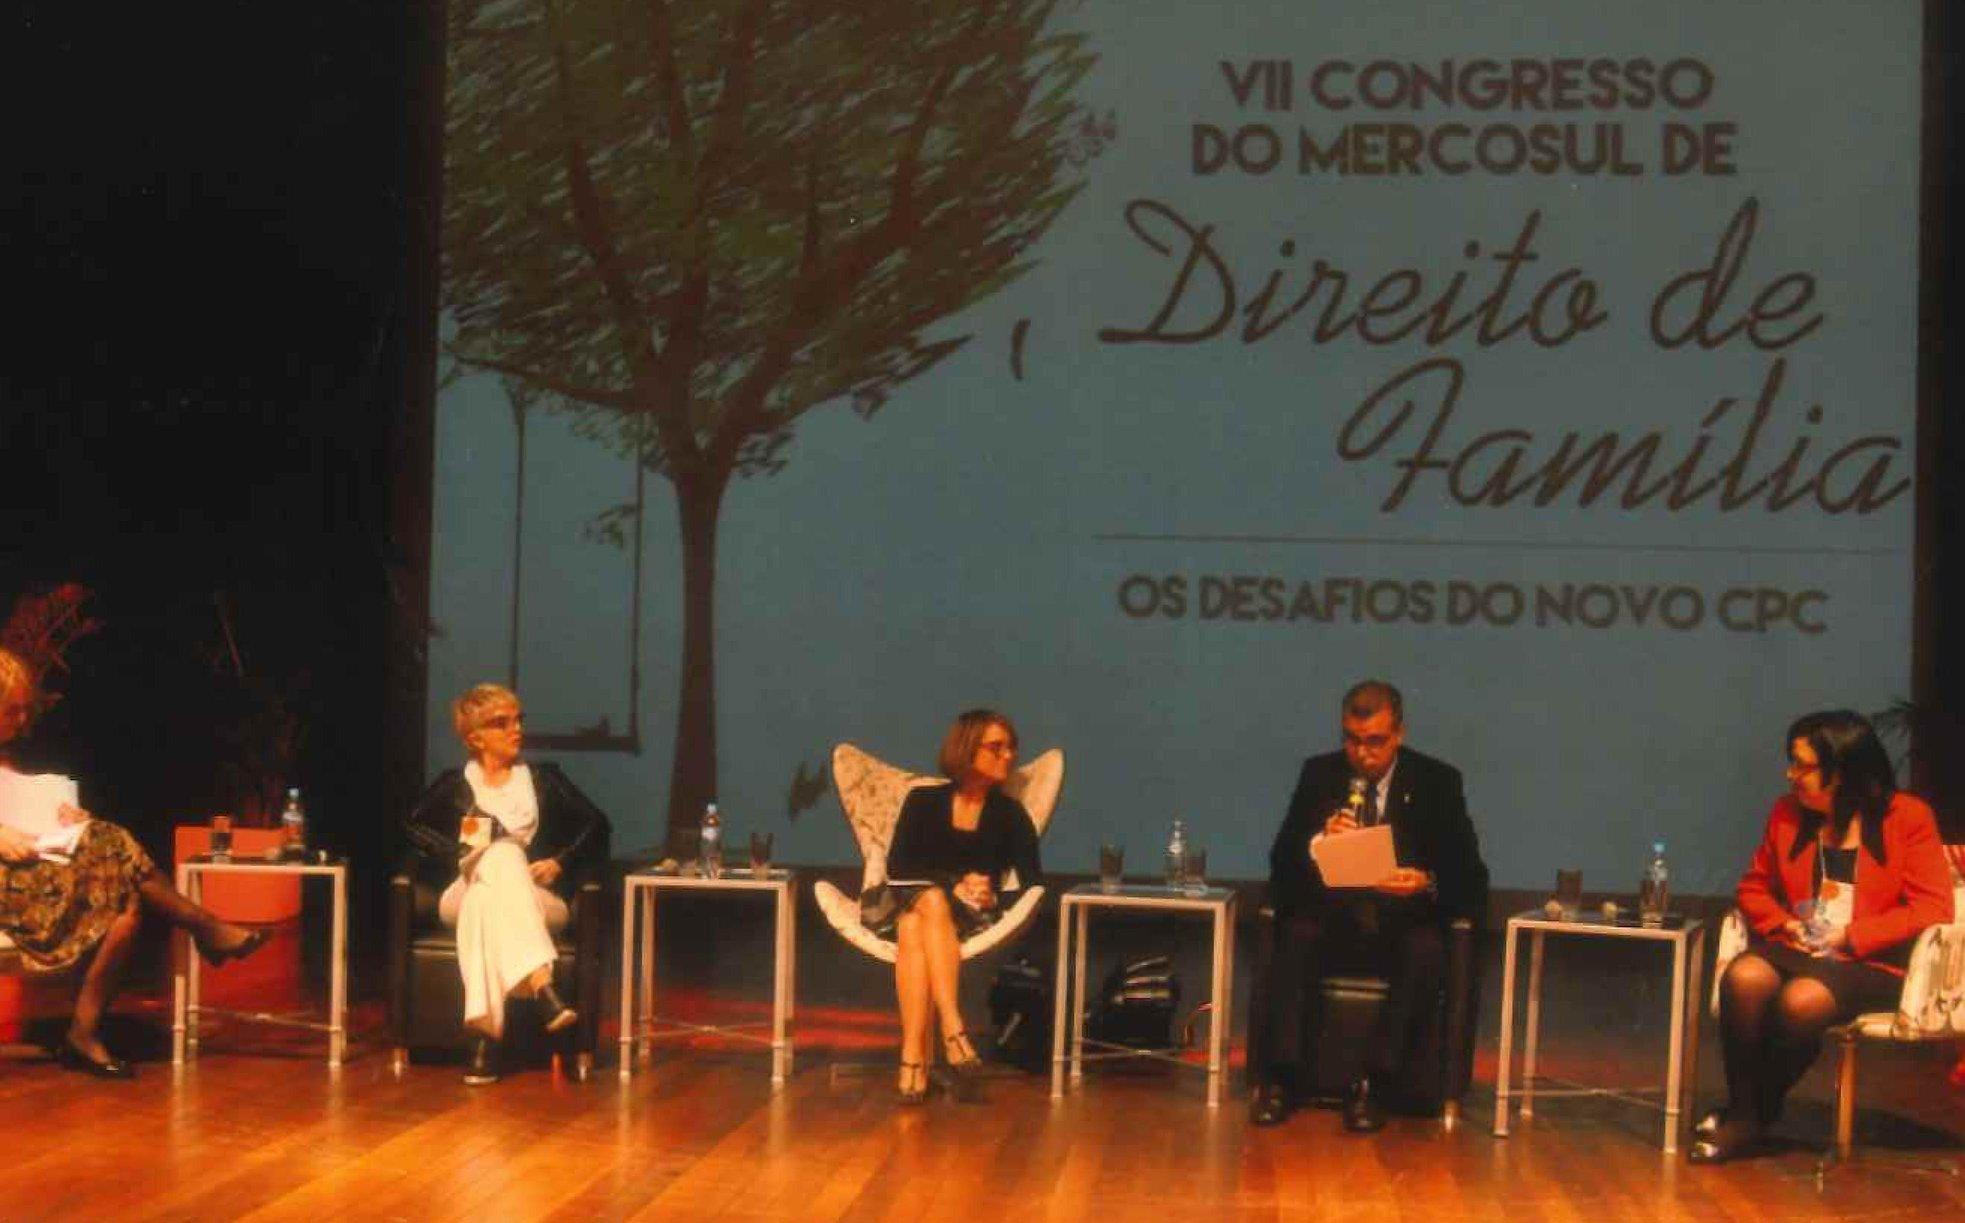 VII Congreso del MERCOSUR de Derecho de Familia, 11-12 de septiembre 2015, Porto Alegre, Brasil